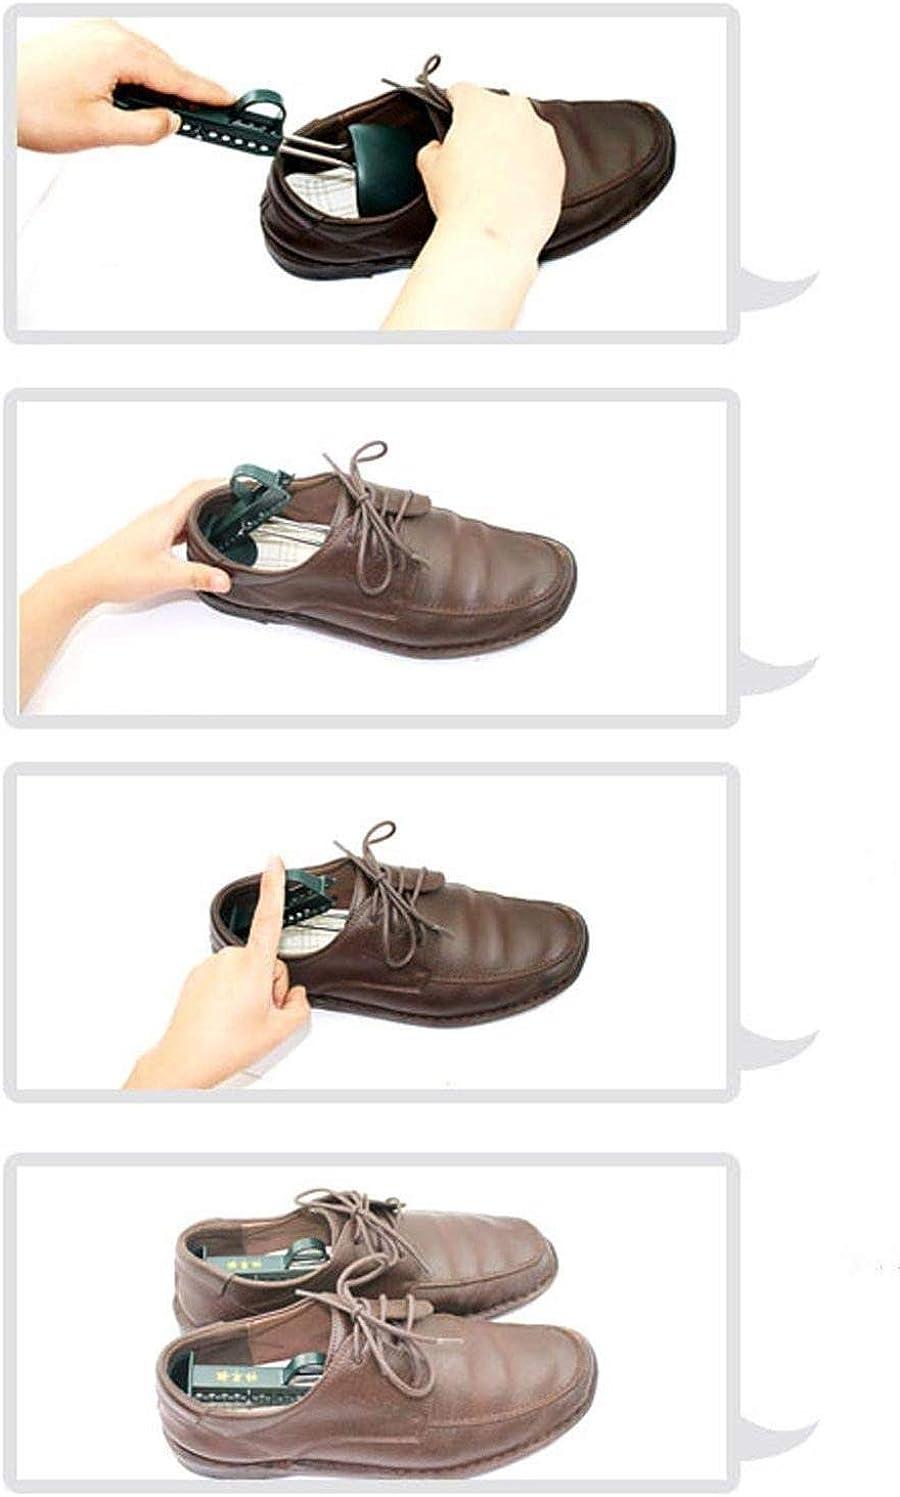 vert Fonc/é Aisoway 1 Paire De Chaussures Brancard Homme R/églable Chaussures Widener Expander Pour /Étirer Longueur Largeur Hauteur Pour Les Pieds Larges Dur Chaussures En Plastique Arbre Shaper